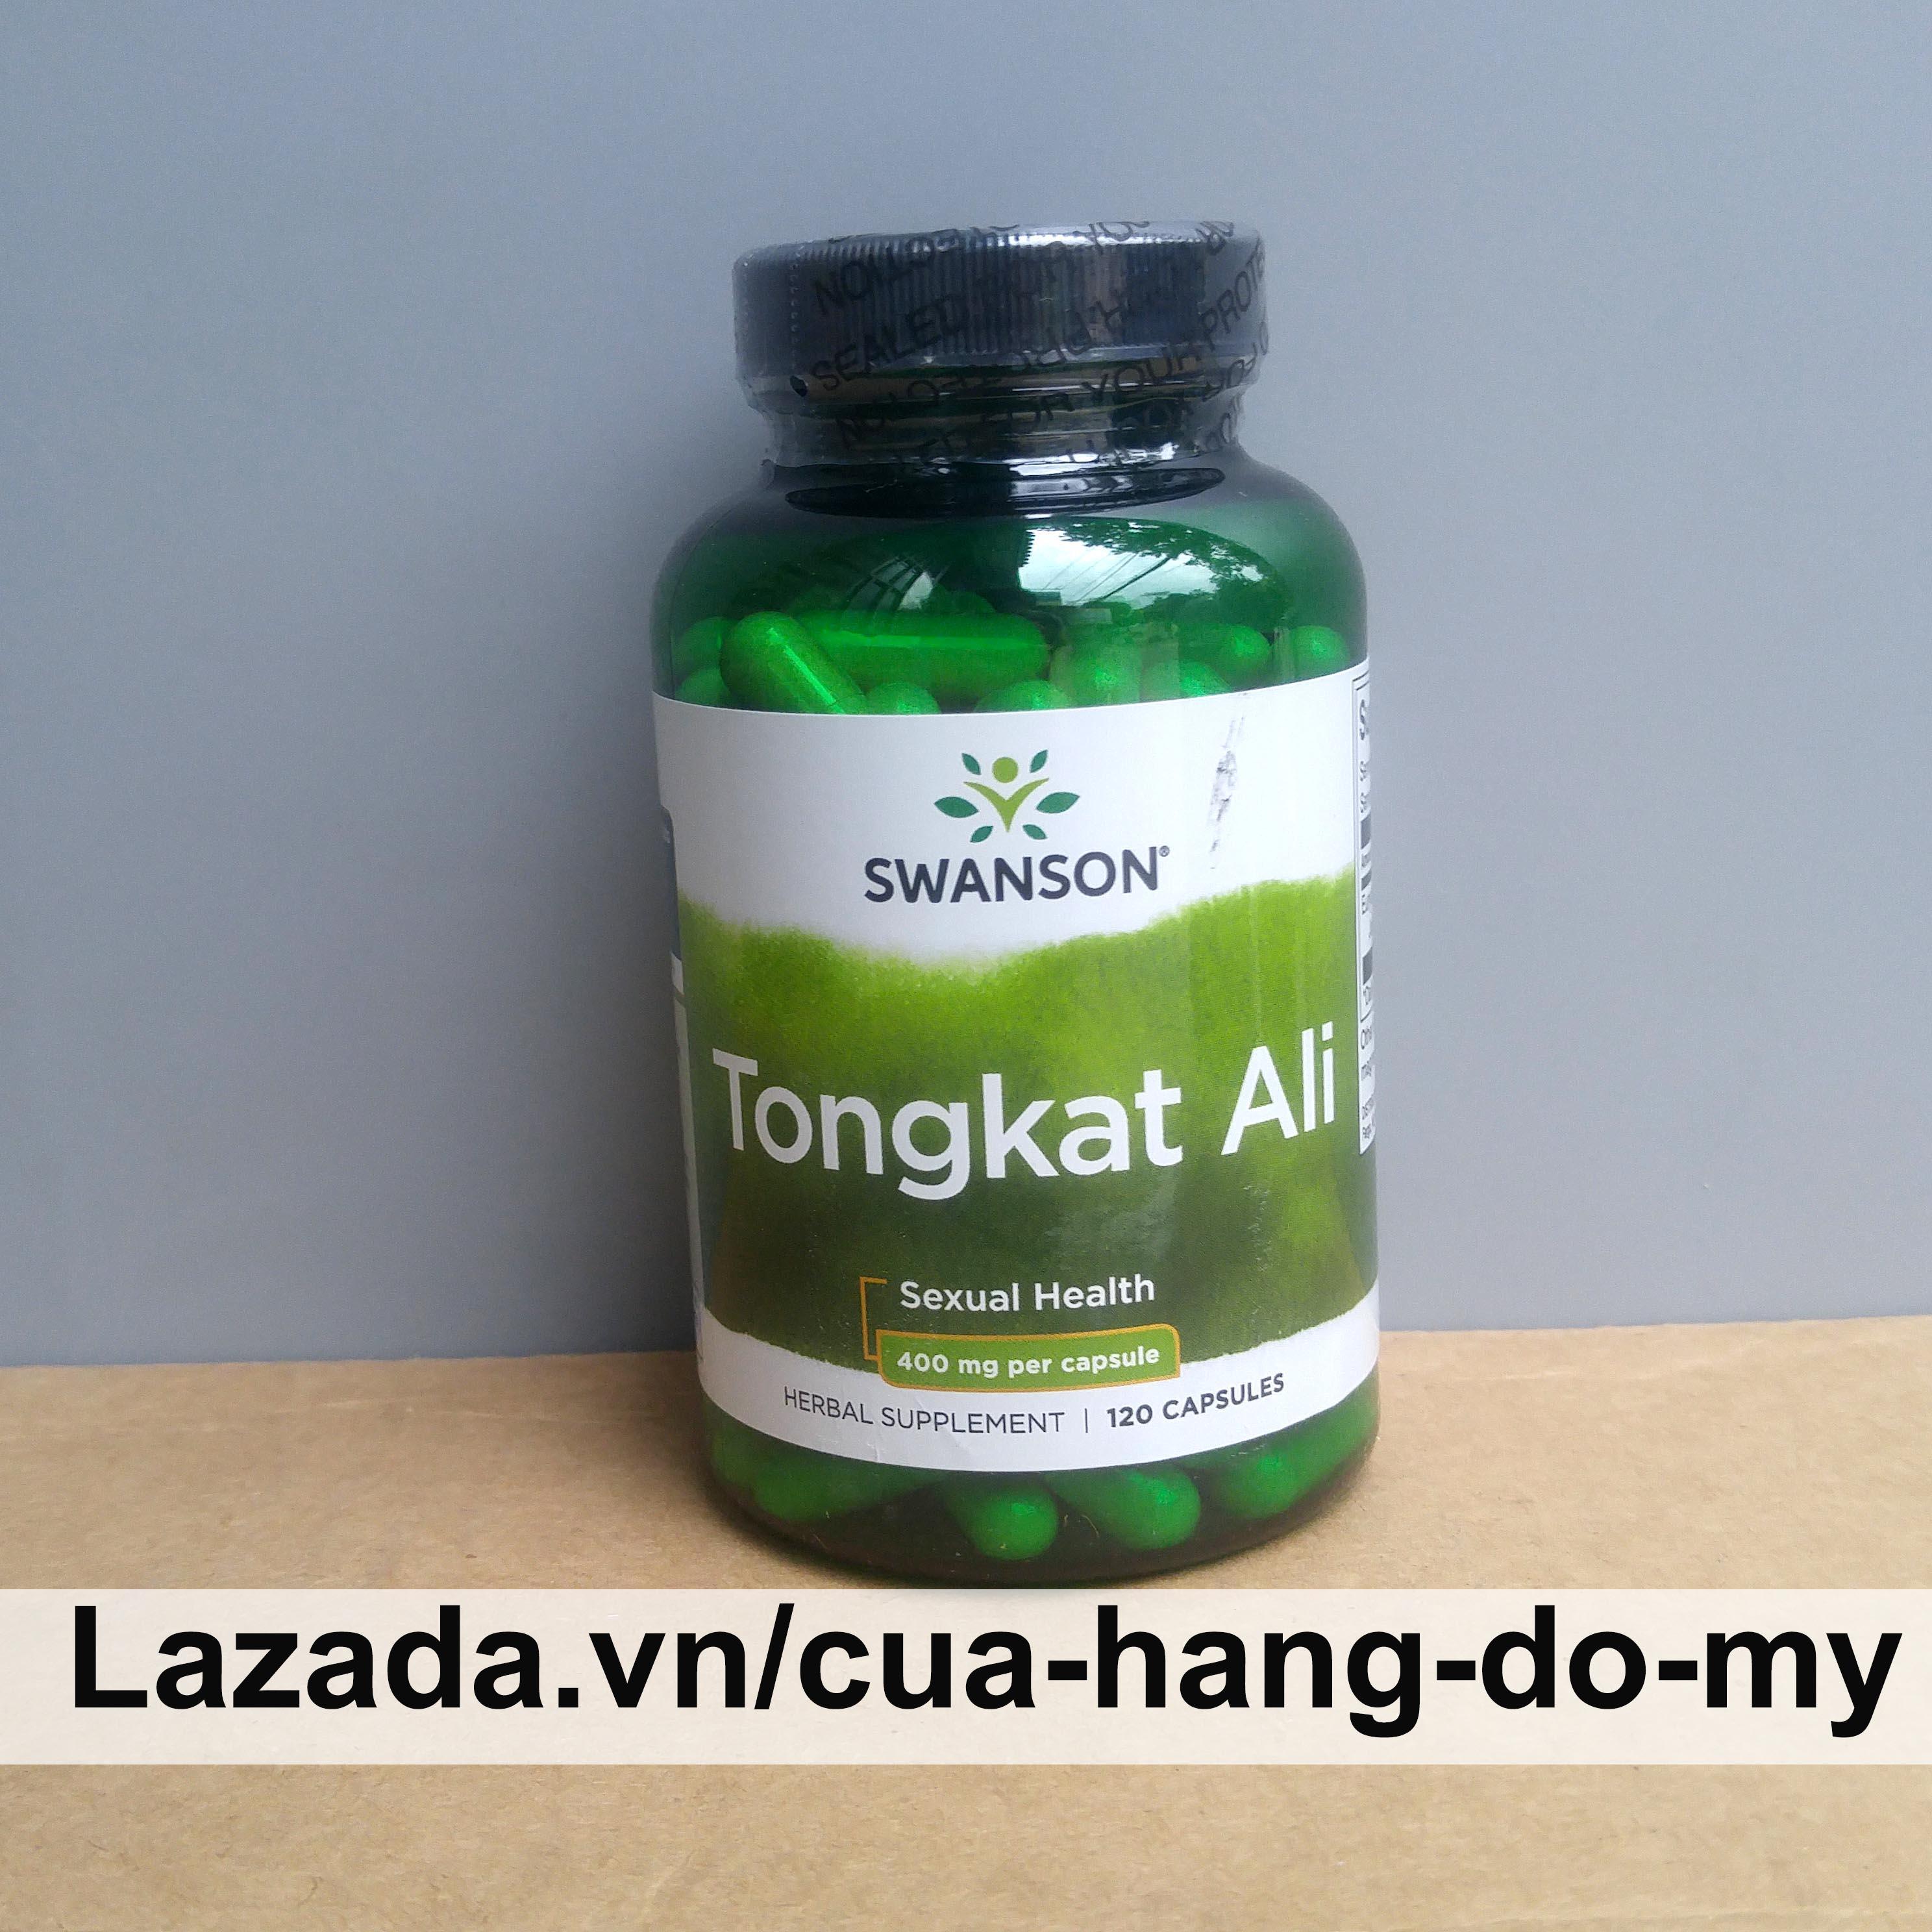 Viên uống Tongkat Ali Malaysia Swanson Passion 400mg 120 Viên cao cấp